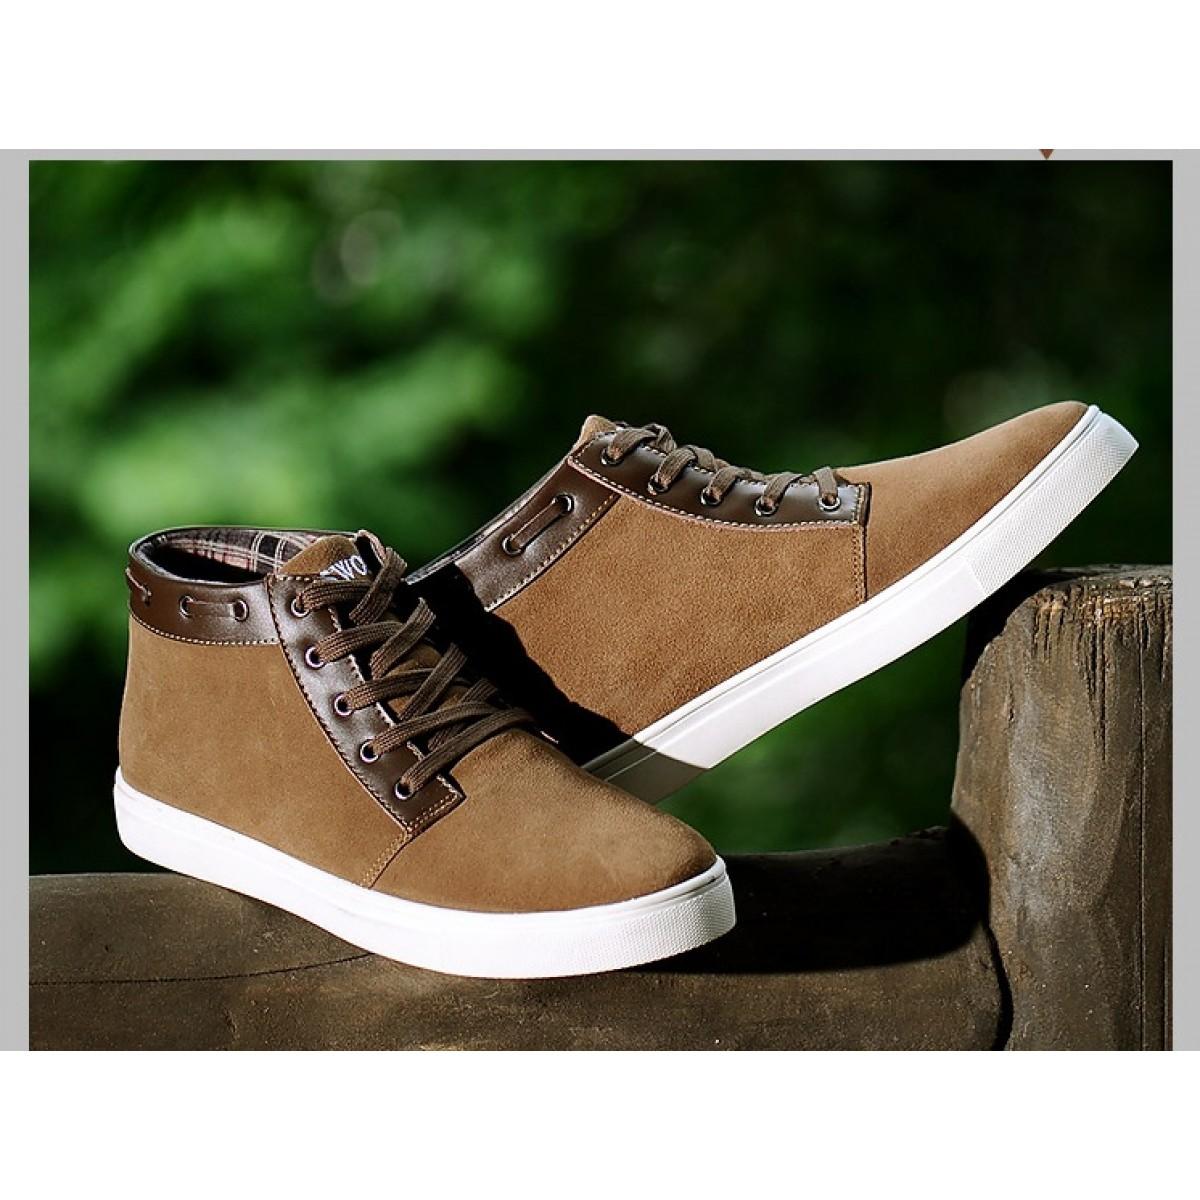 Chaussure de ville cuir montante